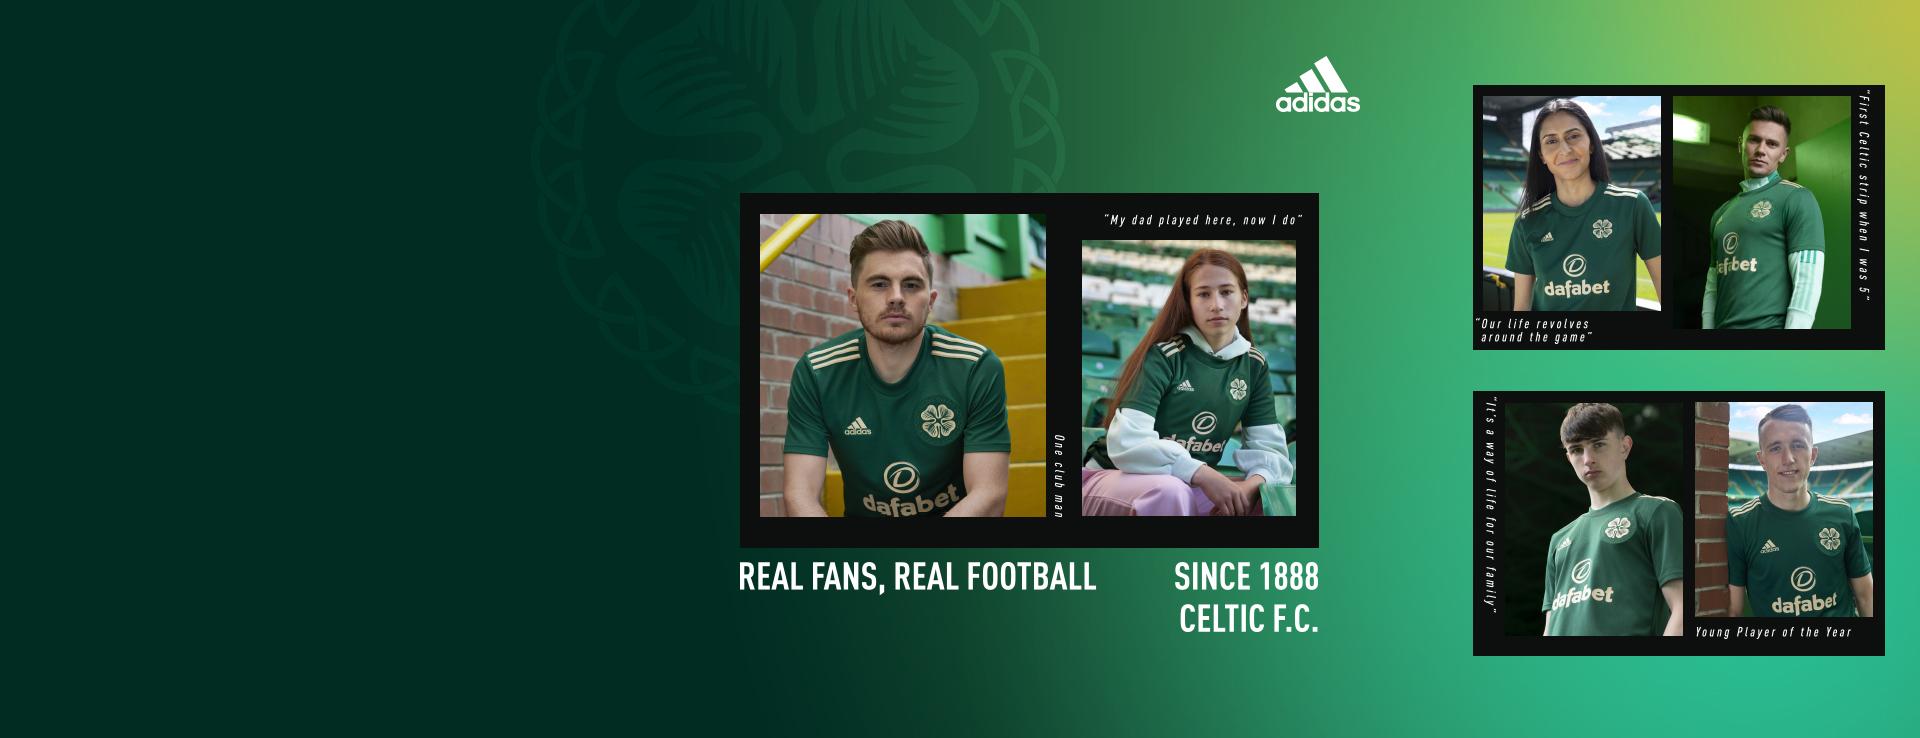 Celtic FC 2021/22 Away Kit